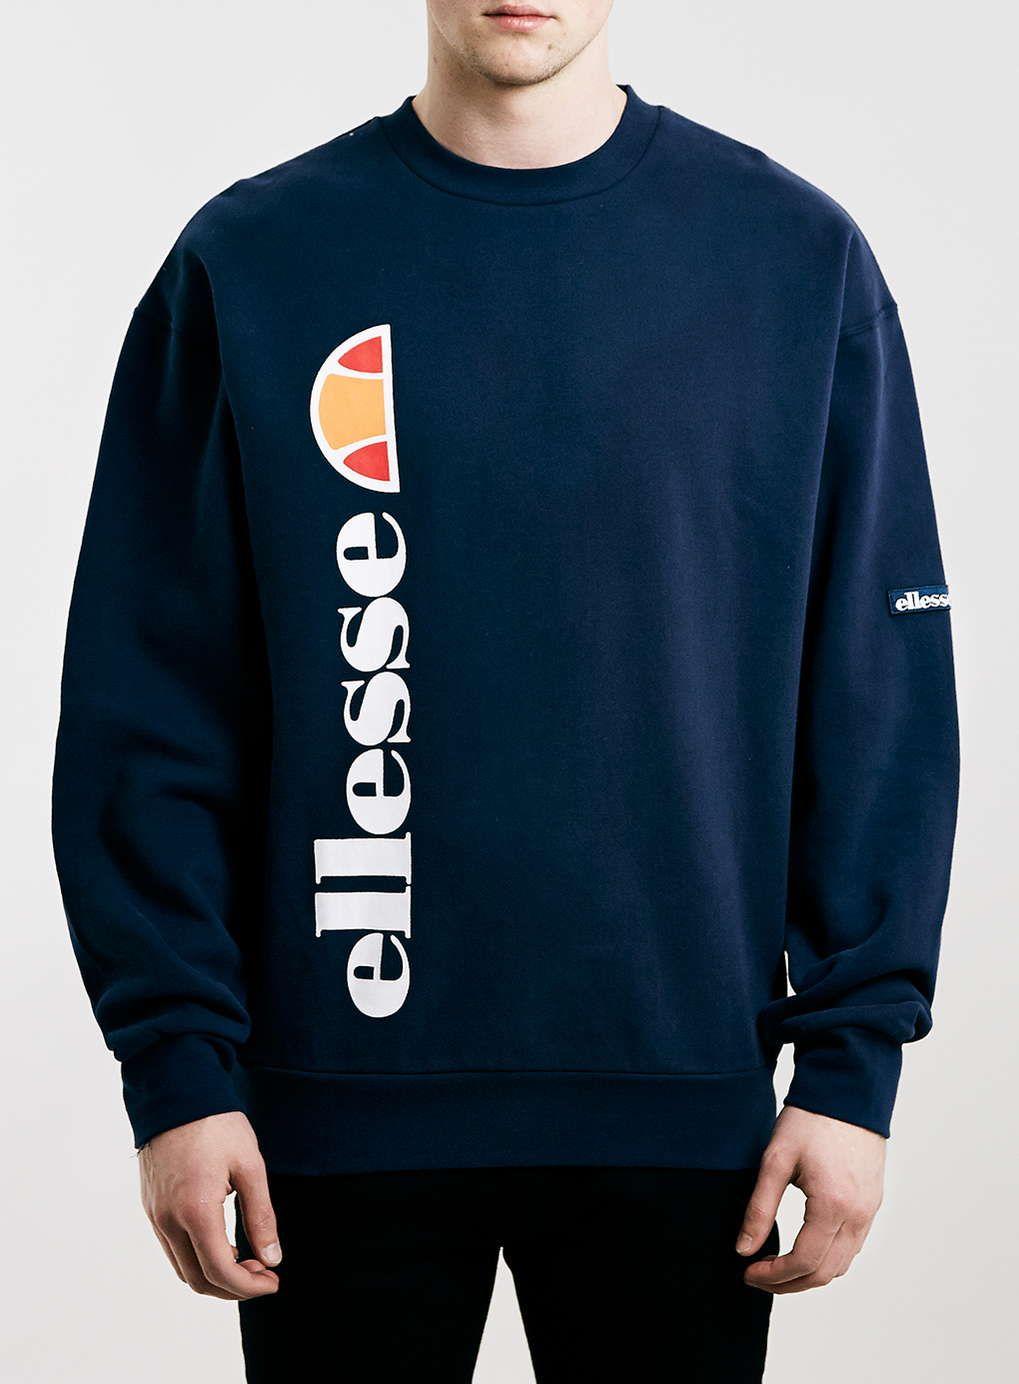 Ellesse Navy Sweatshirt | Ellesse